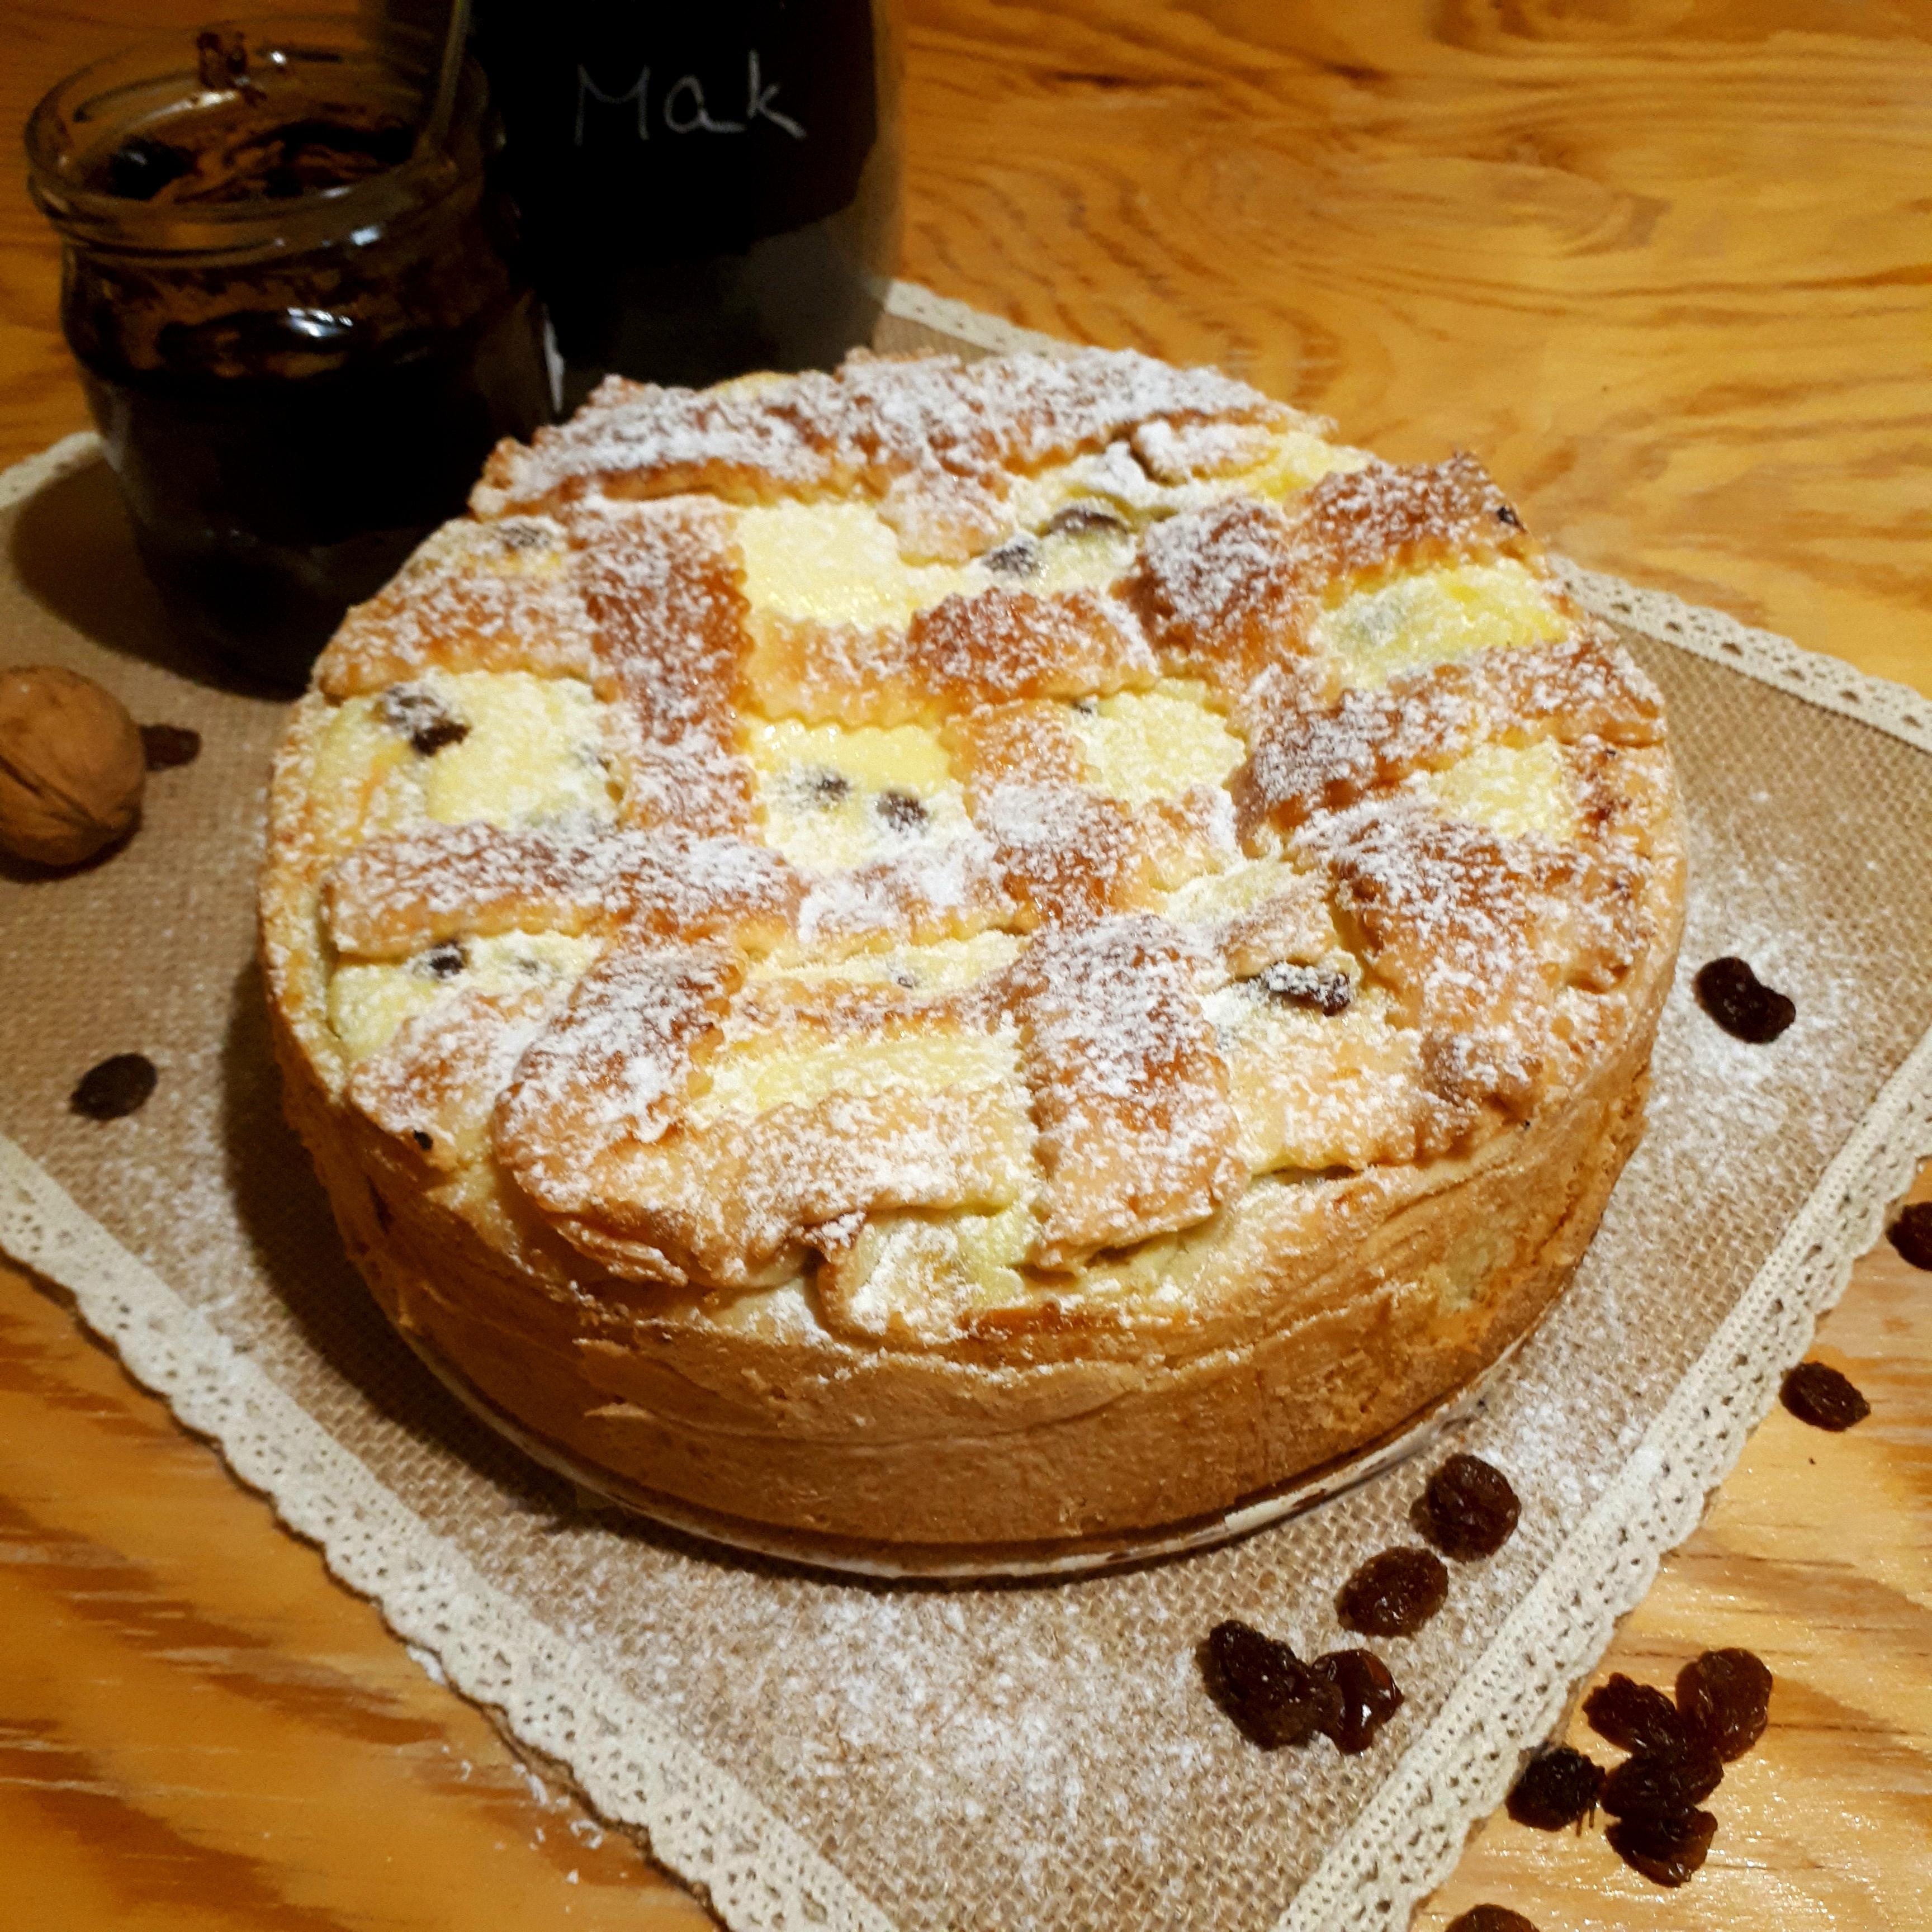 Torta štedrák posypaná práškovým cukrom prírodné filcové prestieranie na drevenom stole okolo hrozienka vlašský orech v pozadí dóza so slivkovým lekvárom a lyžičkou a sklená dóza s makom